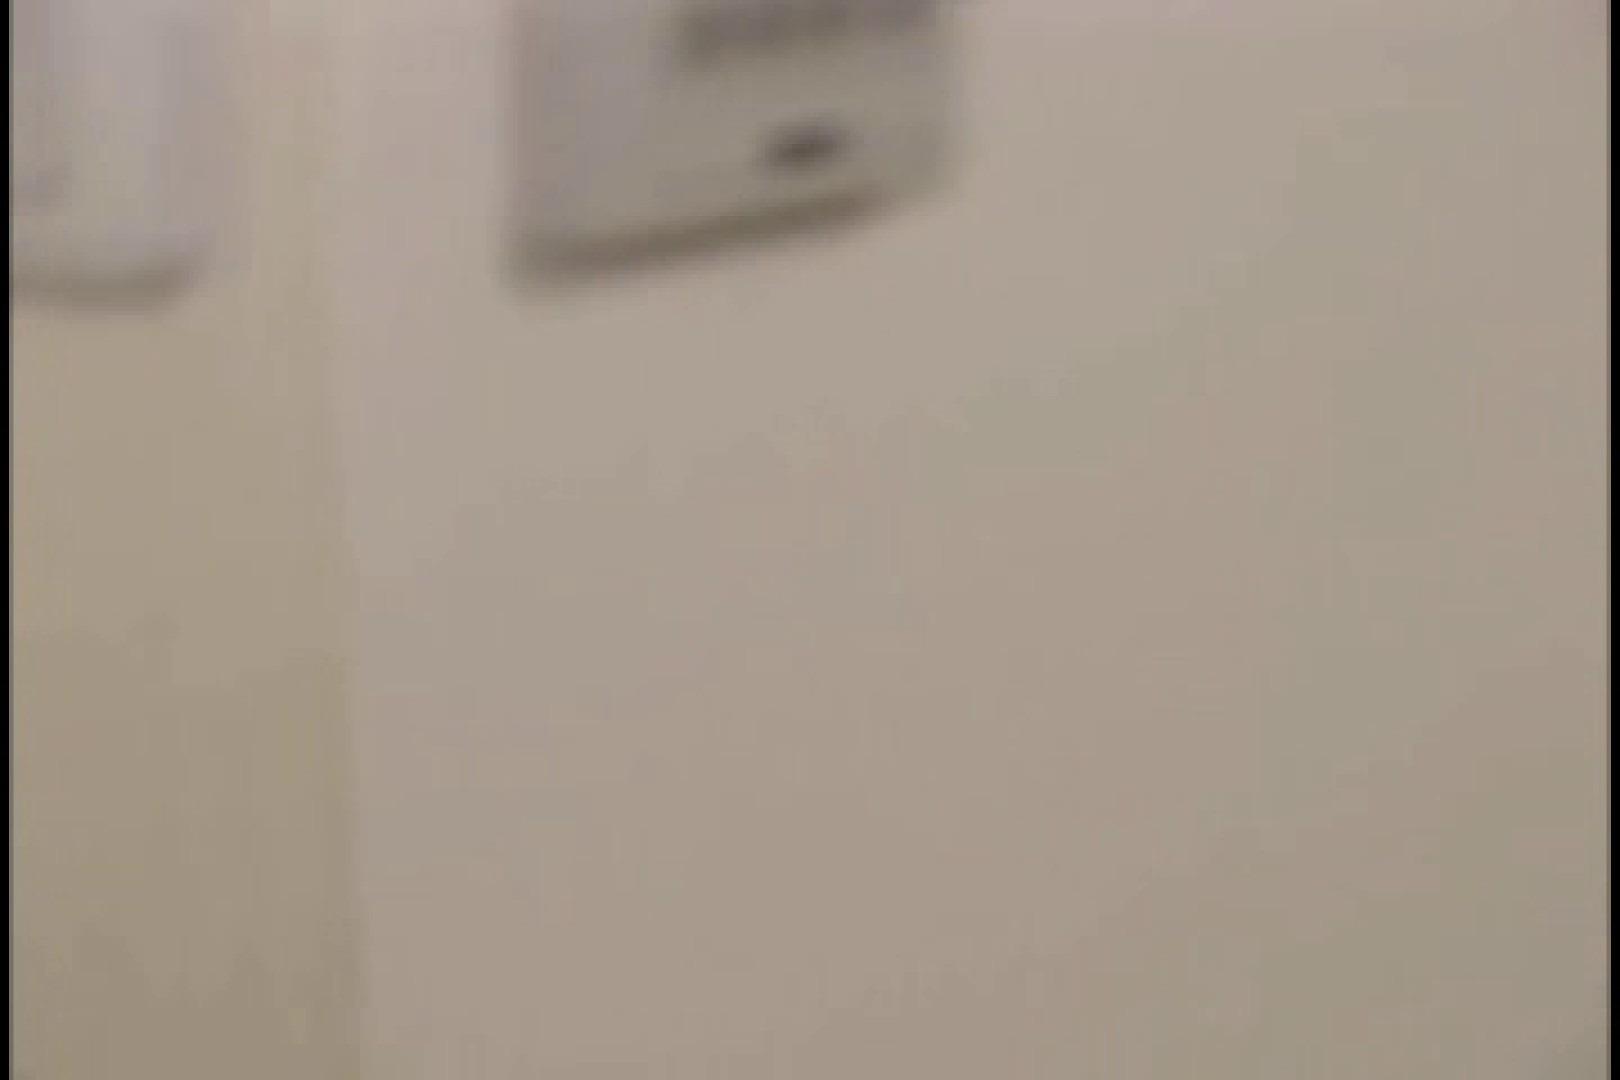 剛毛旦那のアナルレクチャー vol.01 風呂天国 ゲイアダルトビデオ画像 98枚 21